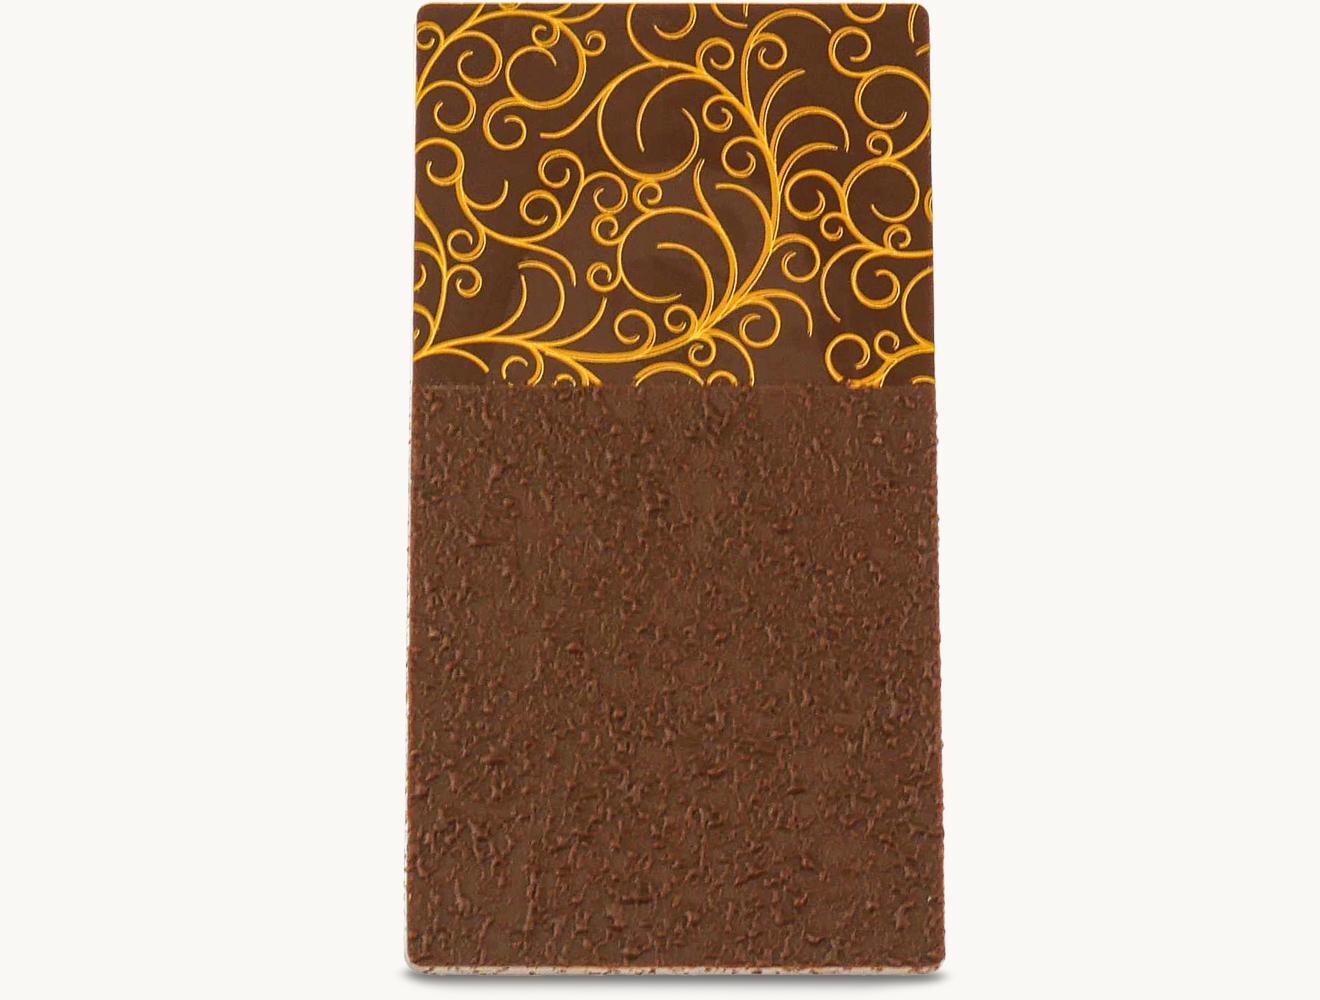 Tafel Design 43% Kakao Vollmilch